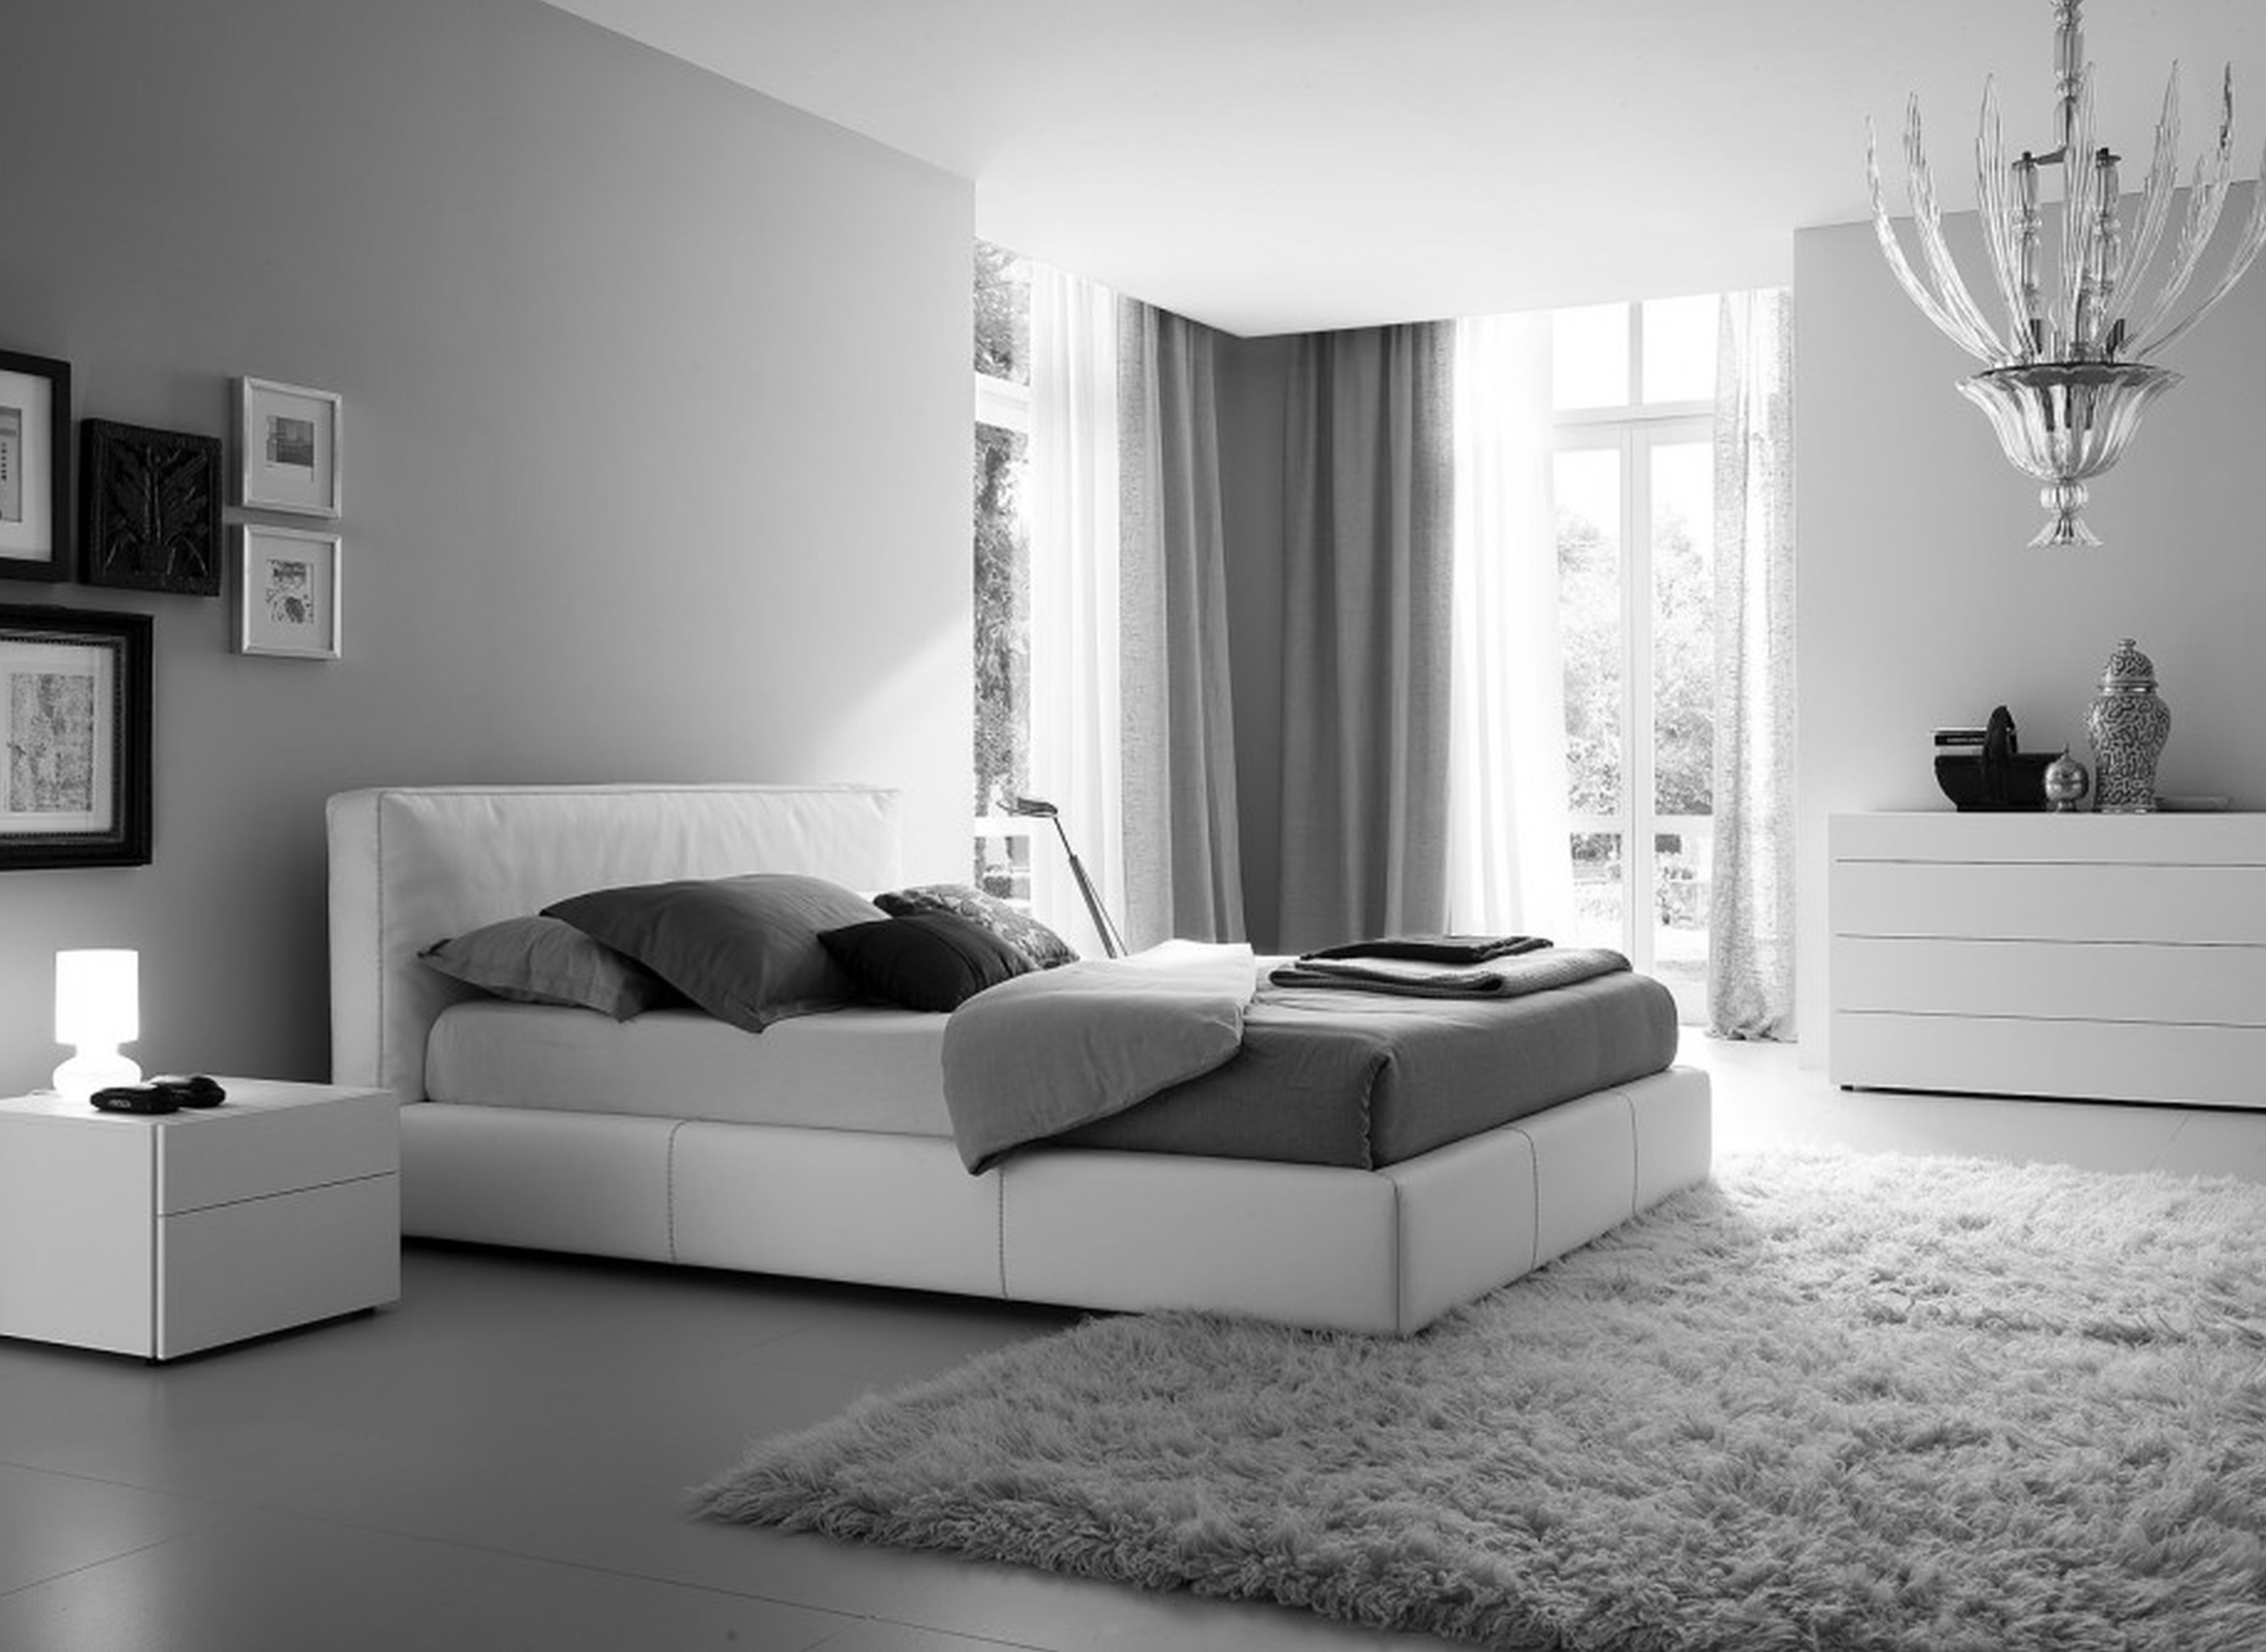 Dark Grey Carpet Bedroom Ideas | Bedroom Ideas | Pinterest | Grey ...